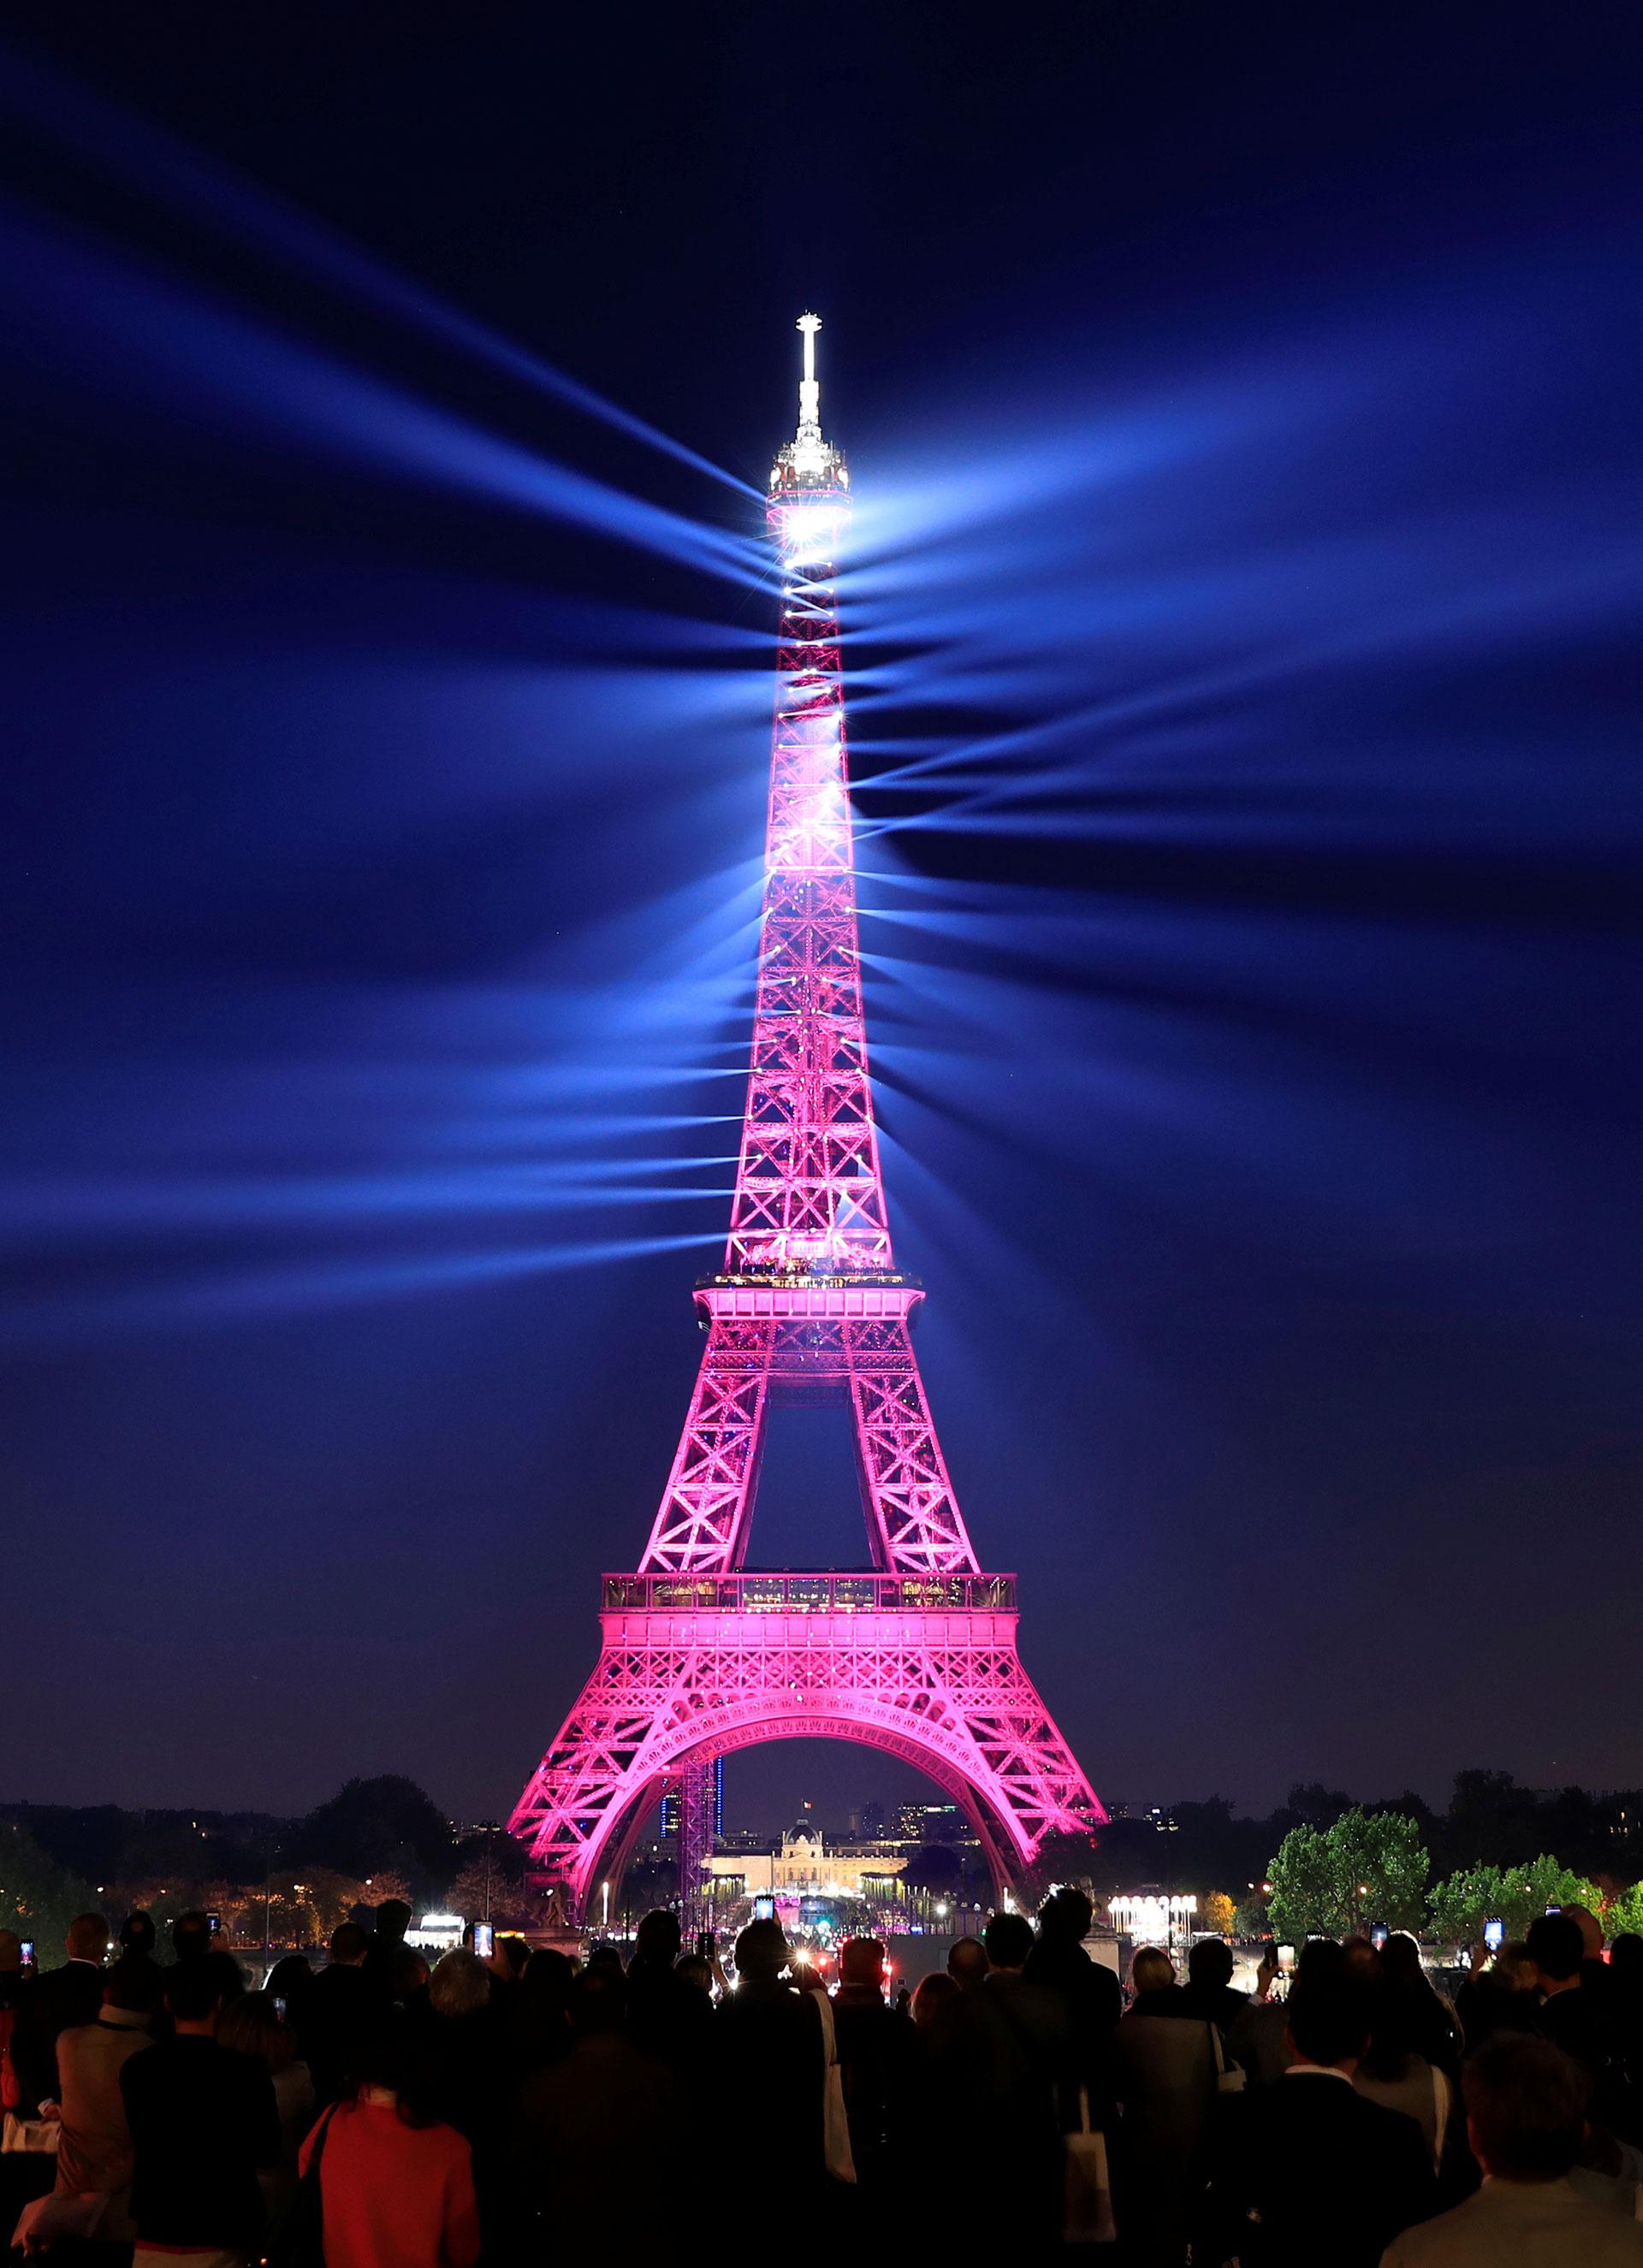 La construcción de la torre comenzó en enero de 1887, con el objetivo de ser el ícono de la Exposición Universal de París de 1889.